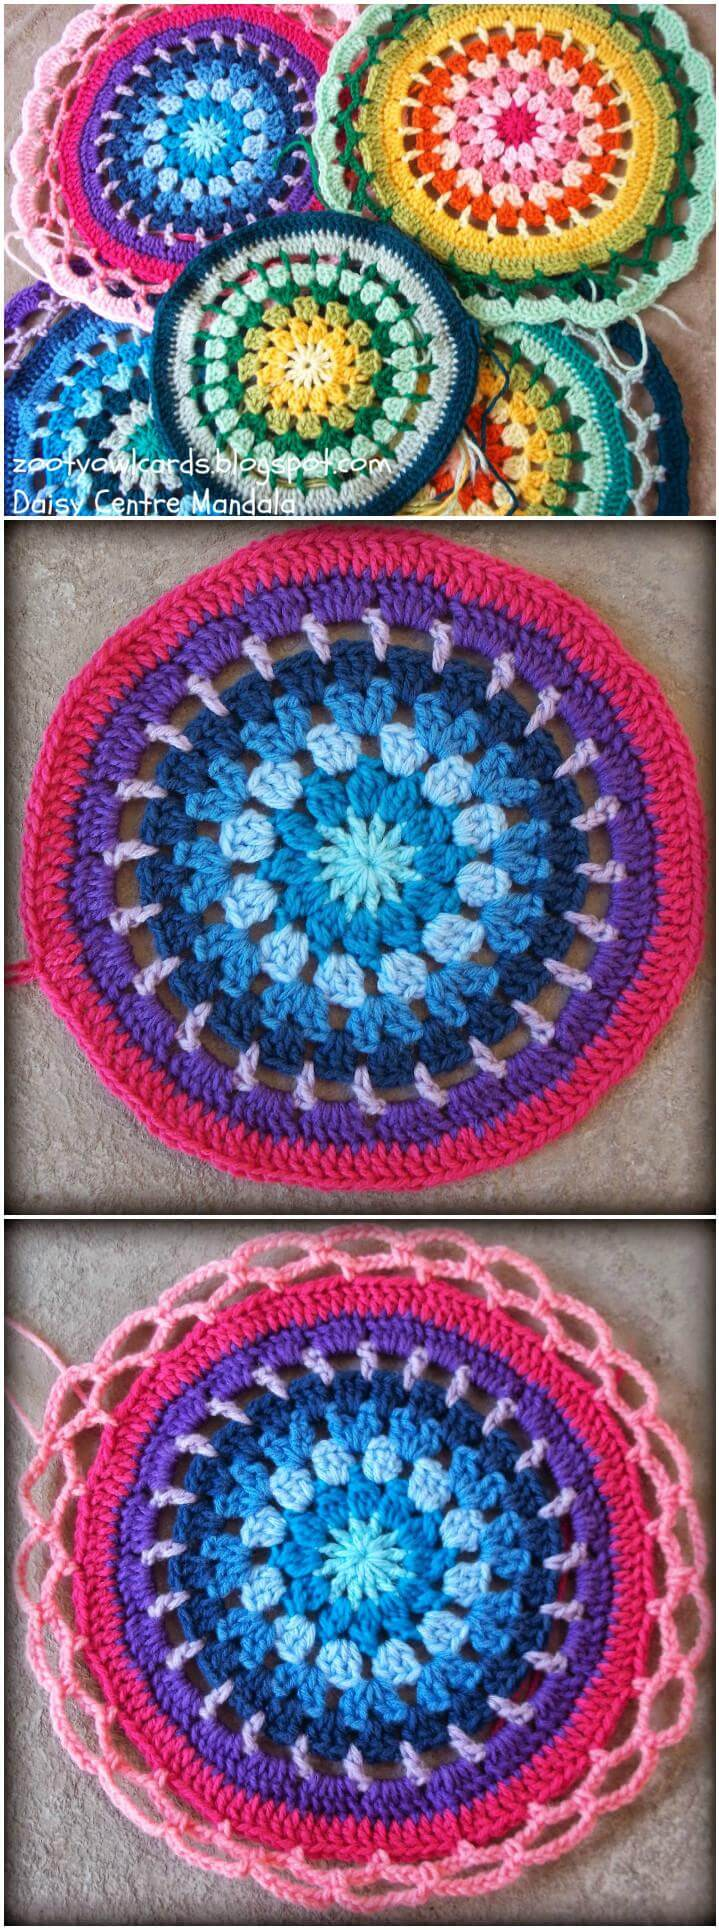 60 Free Crochet Mandala Patterns Page 7 Of 12 Diy